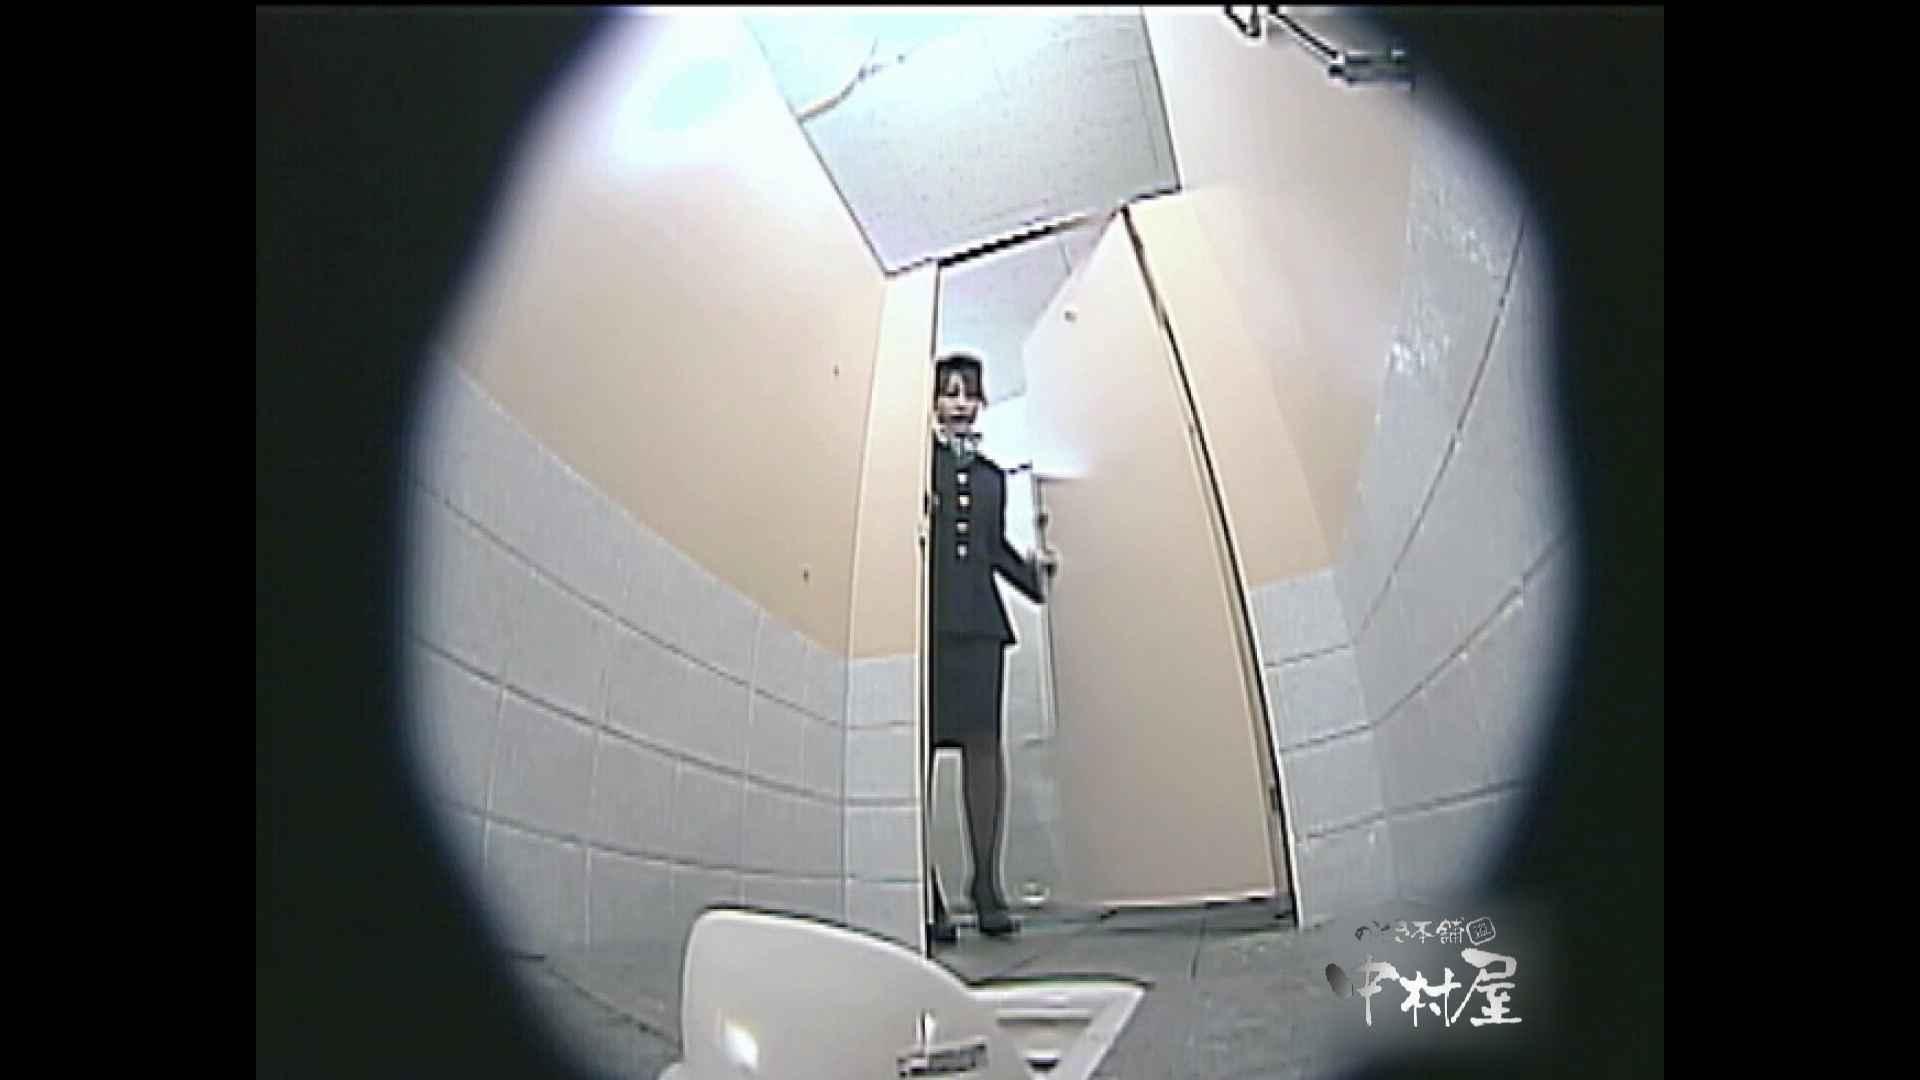 異業種交流会!!キャビンアテンダント編vol.12 盗撮 SEX無修正画像 98画像 2